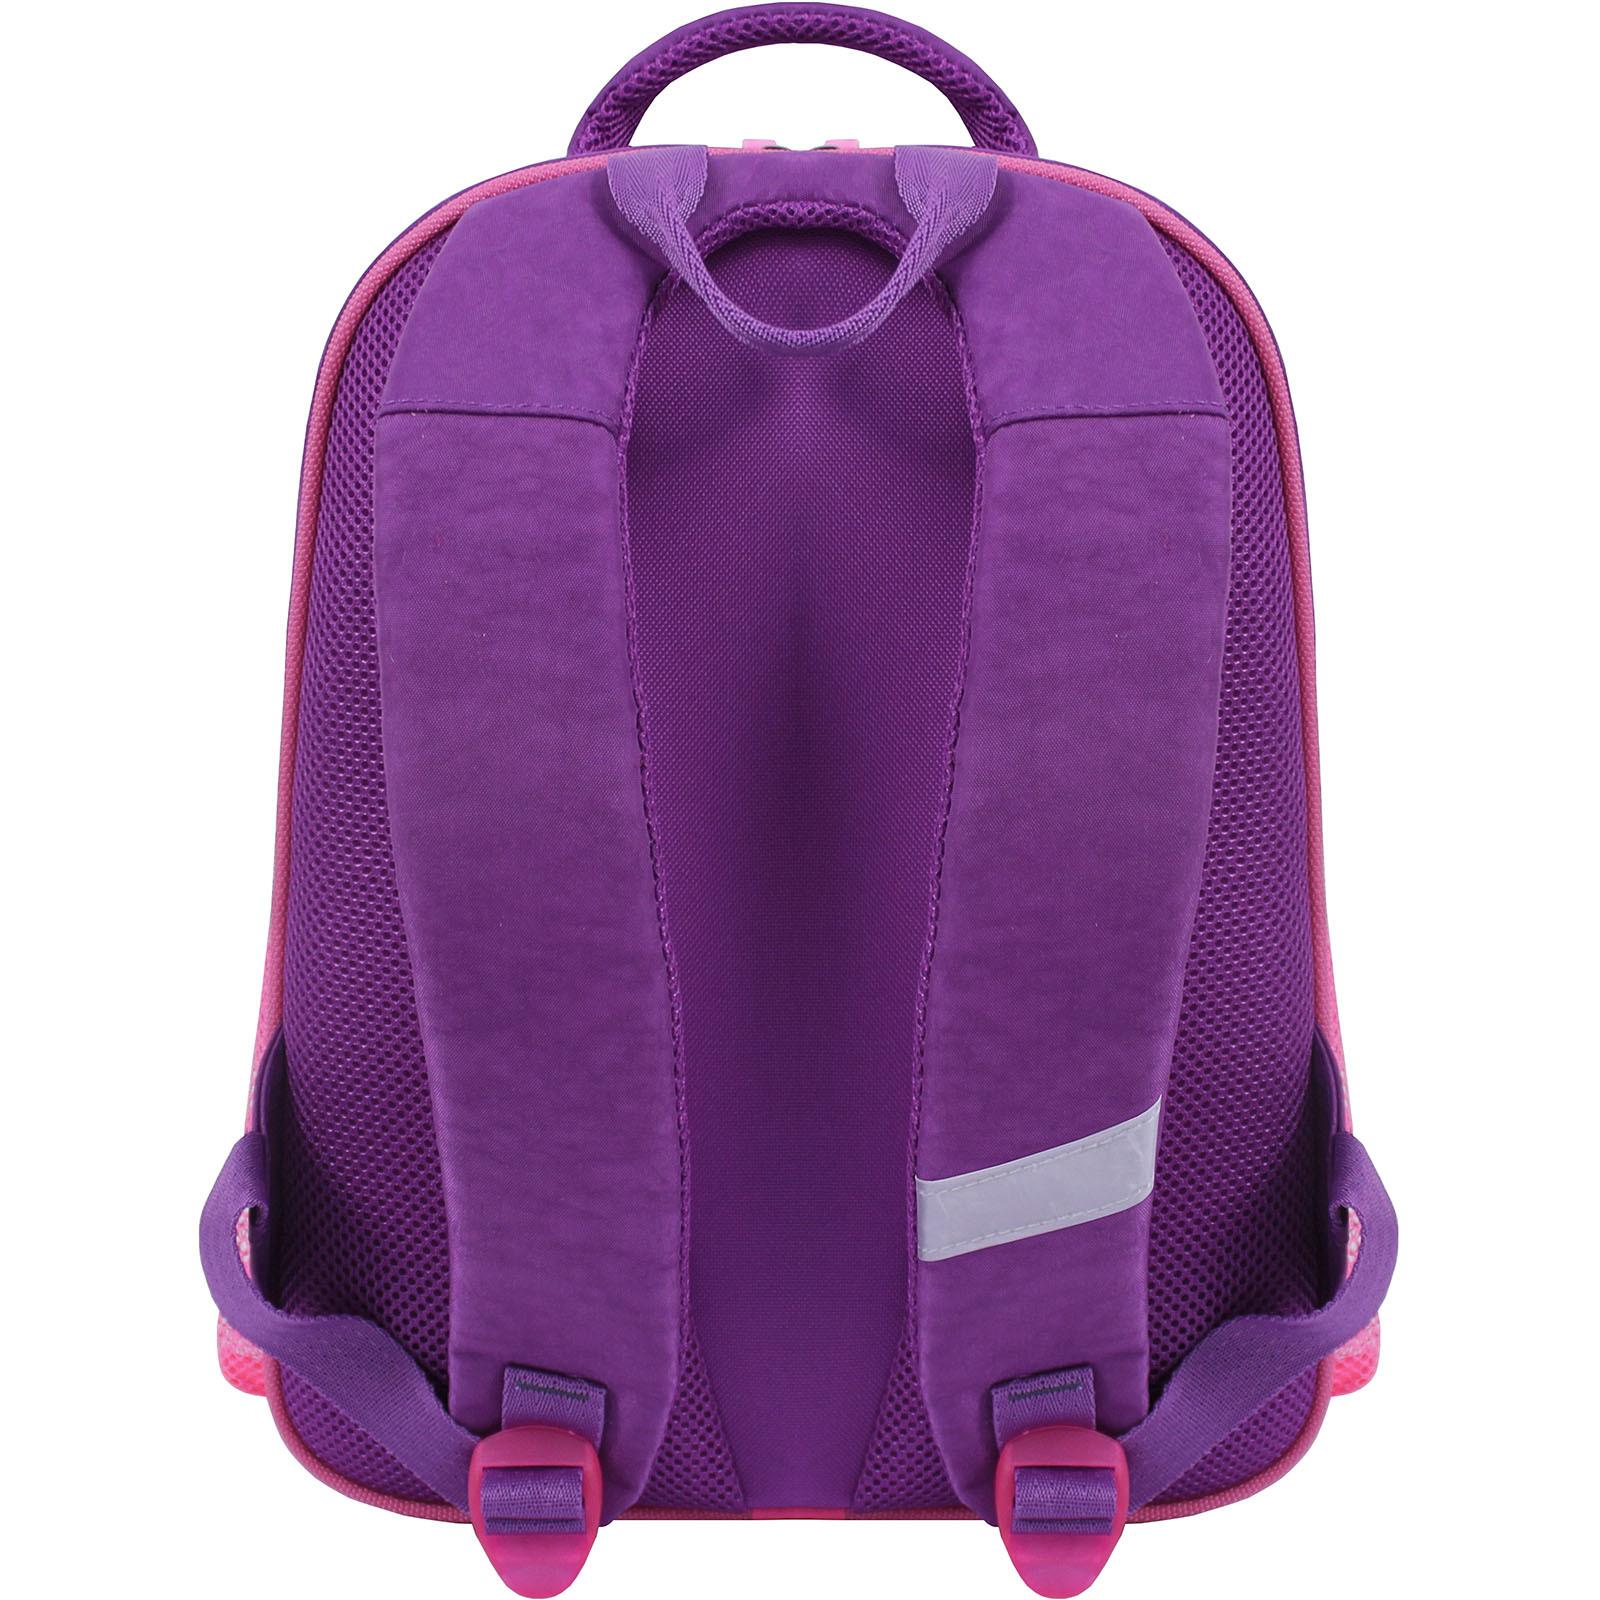 Рюкзак школьный Bagland Отличник 20 л. 339 фиолетовый 502 (0058070) фото 3